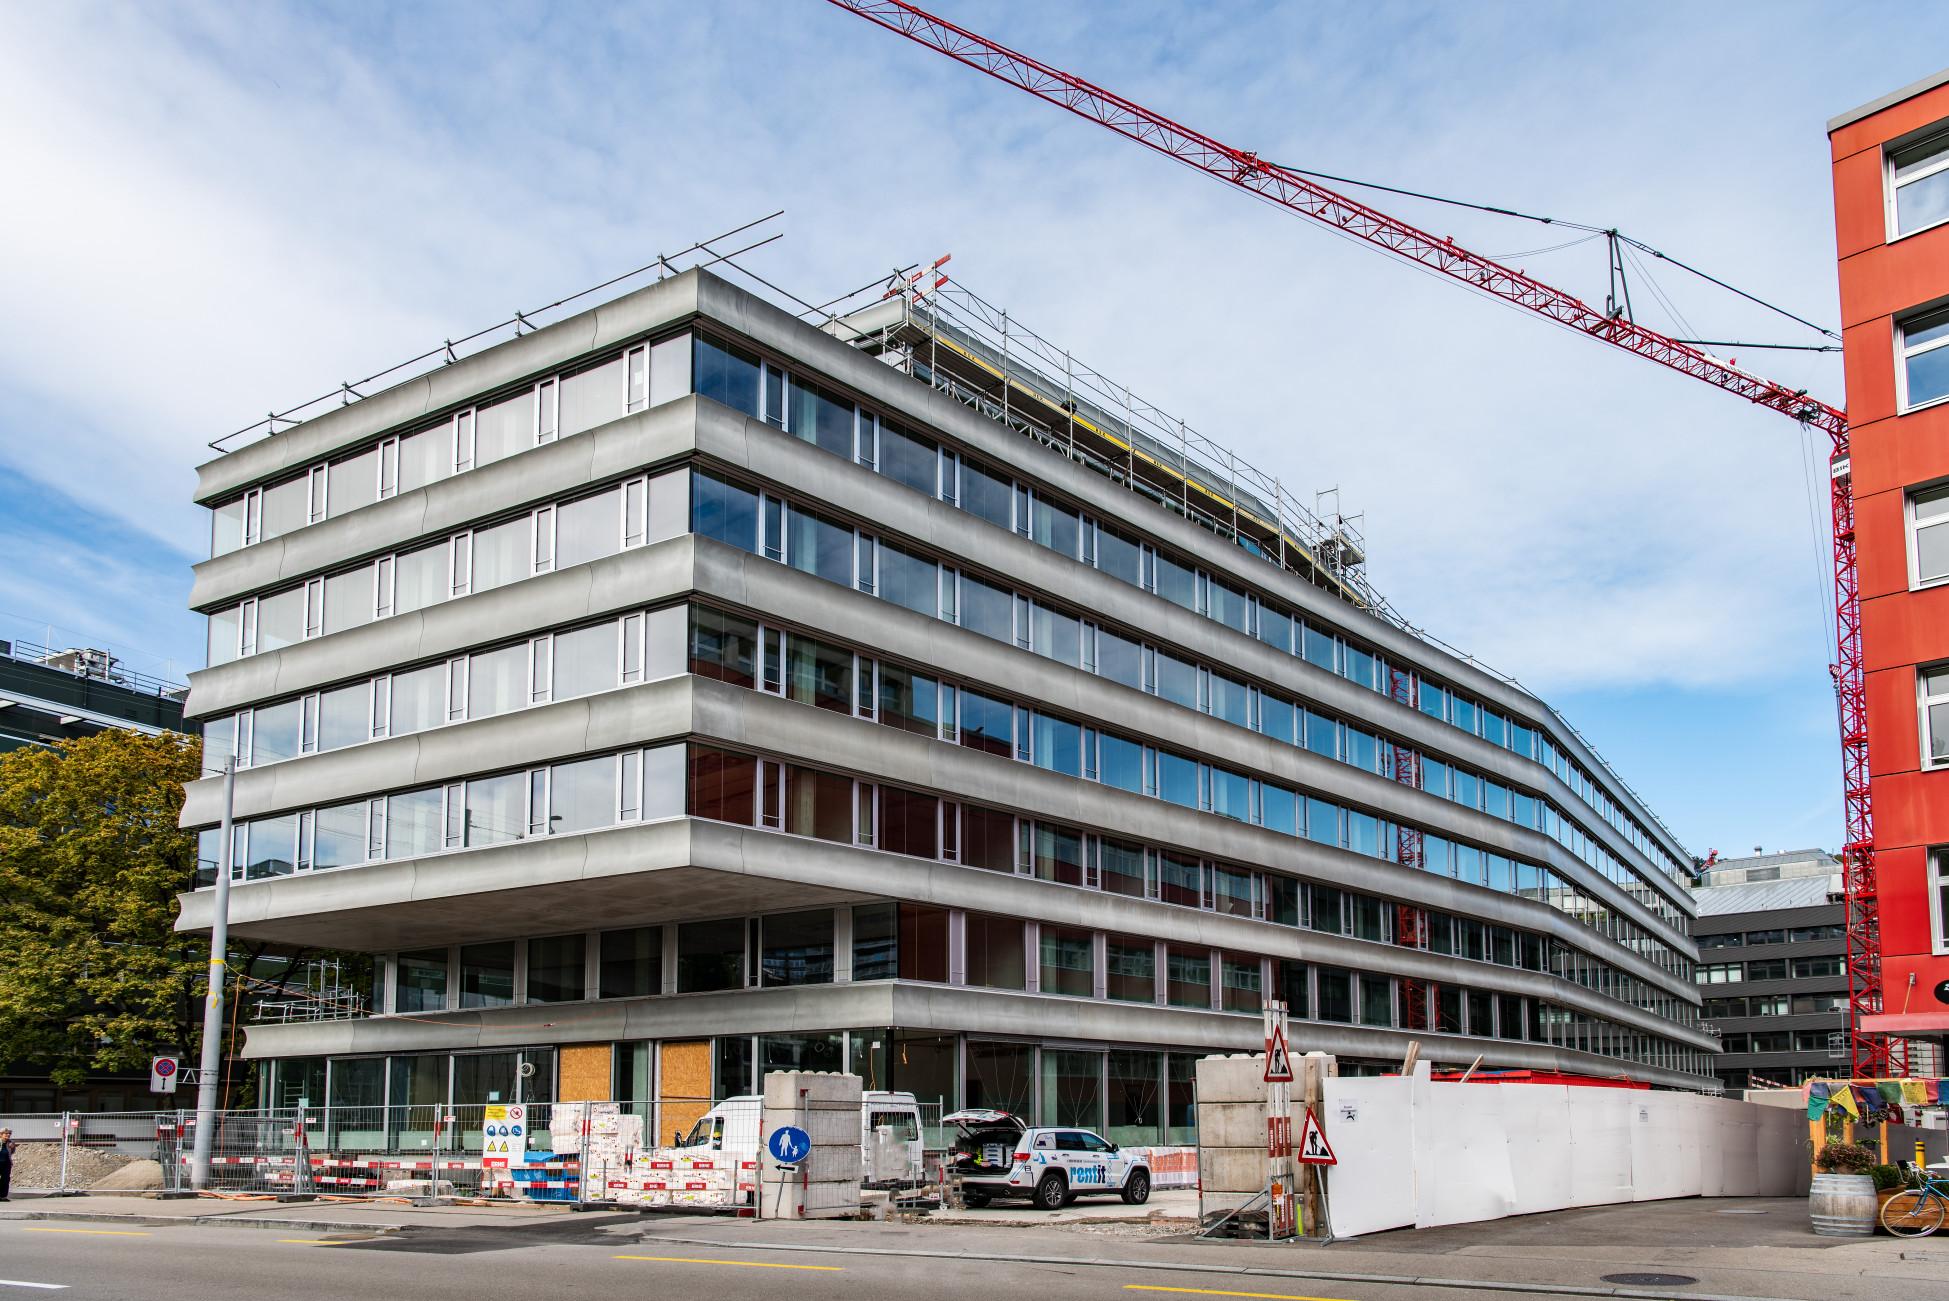 ERNE Besichtigung Neubau Kriminalabteilung Stadtpolizei Zürich